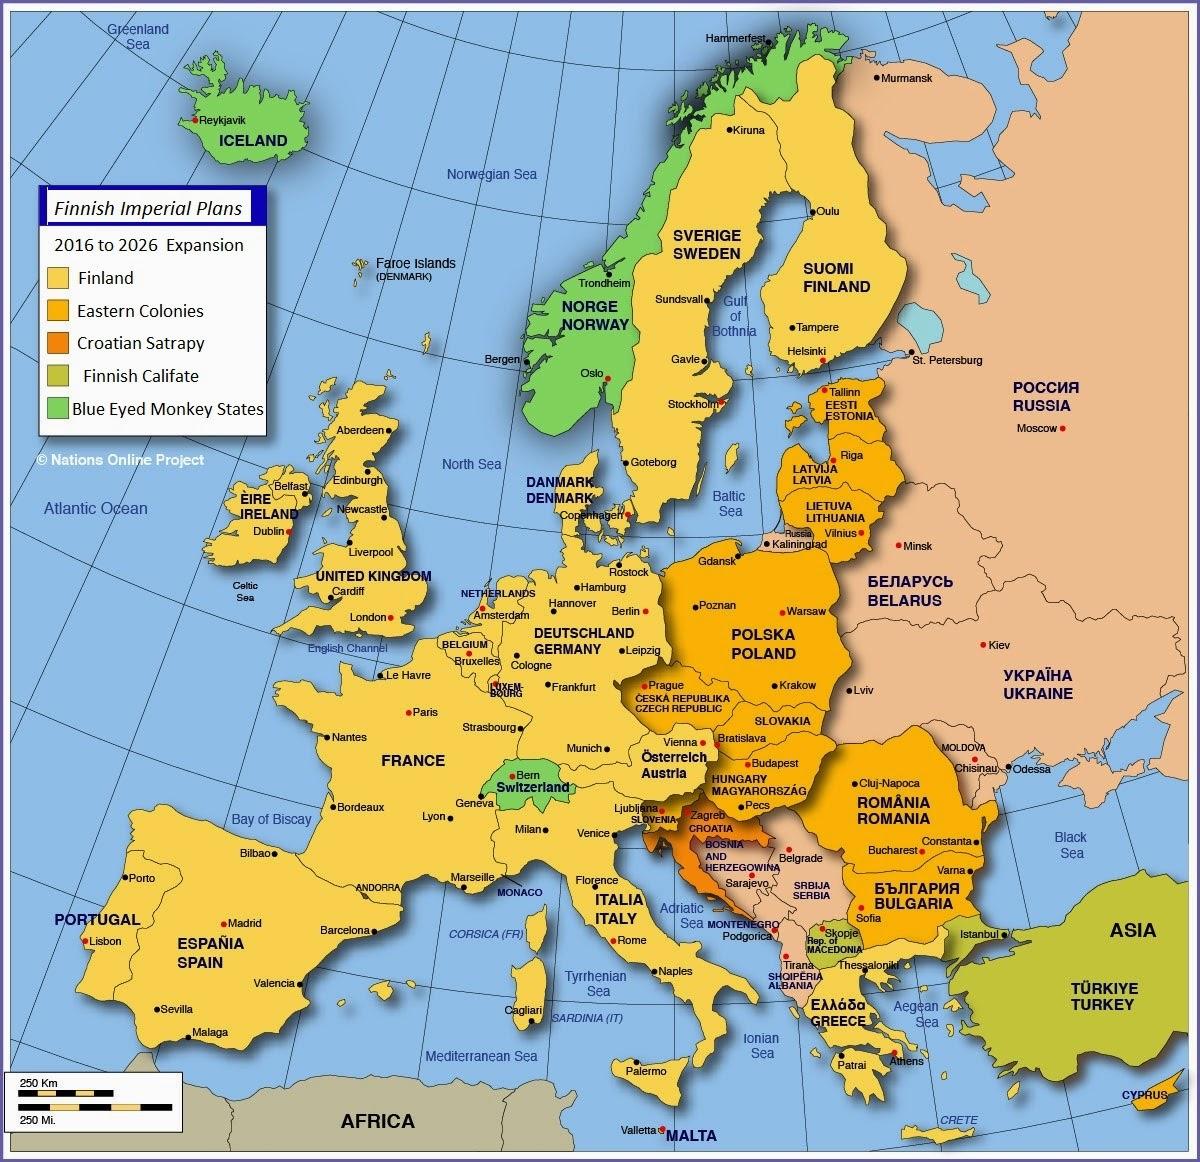 finn sverige escort europe